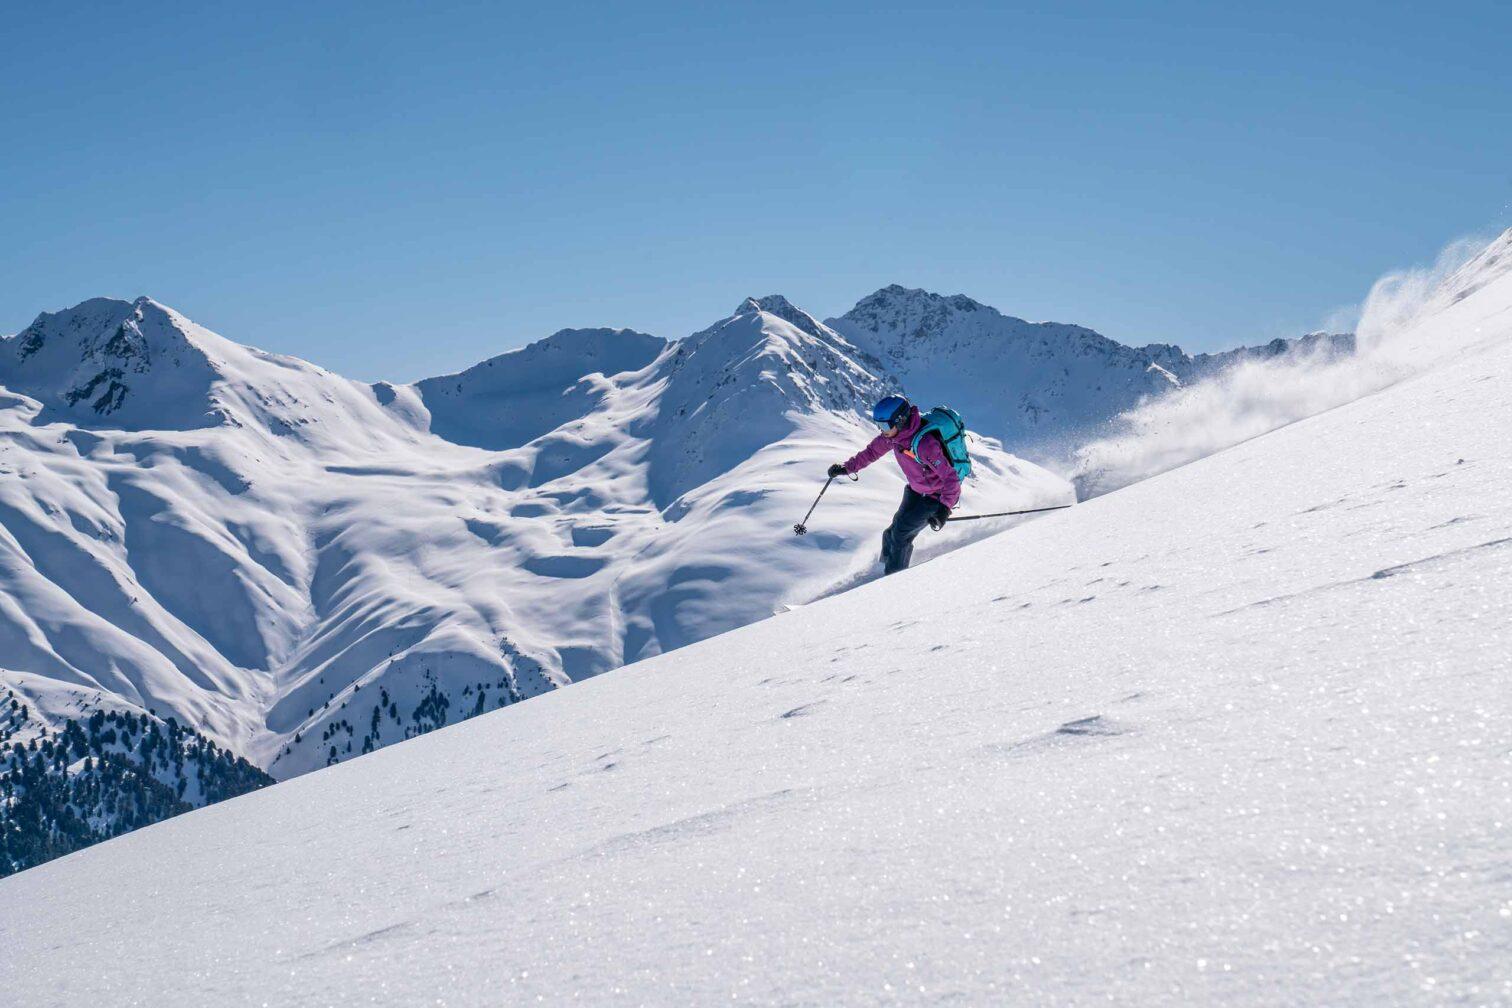 Graubünden Leben & Arbeiten - Die Skifahrerin